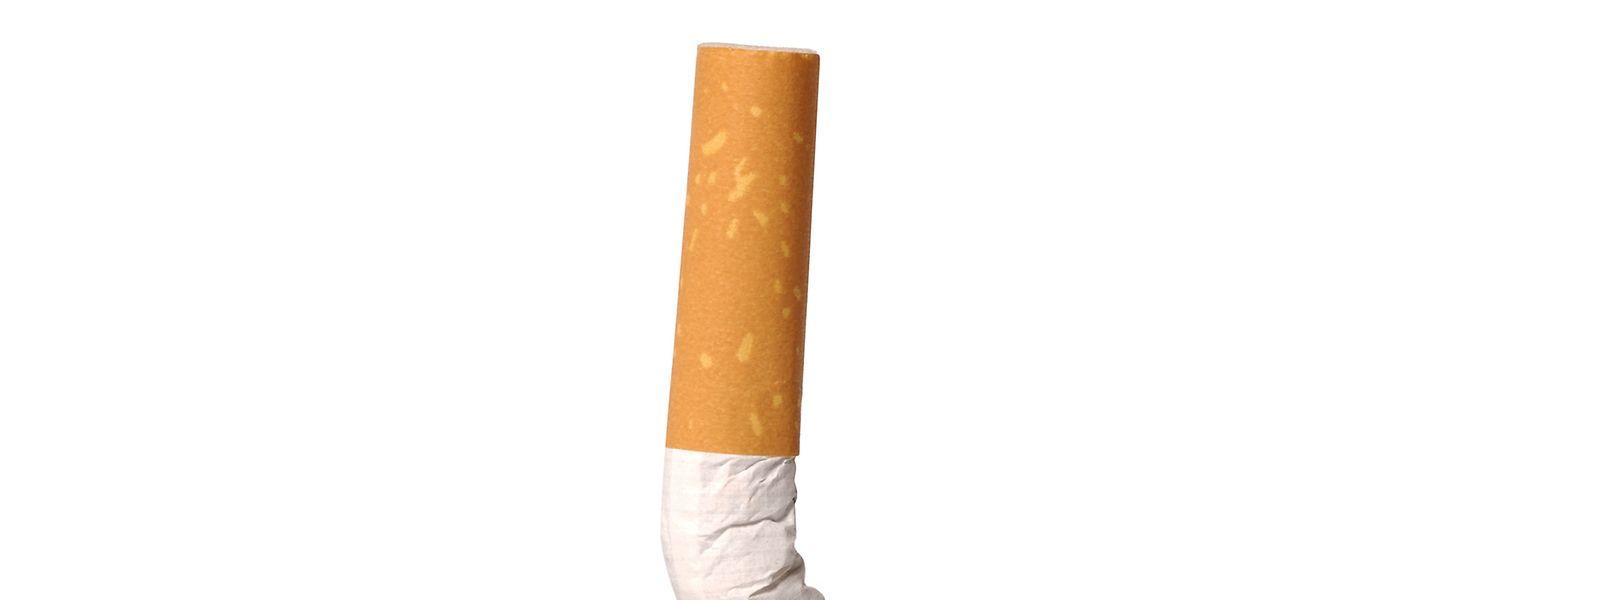 Die Letzte! Mehr als jeder zweite Raucher in Luxemburg möchte gerne mit dem Rauchen aufhören.